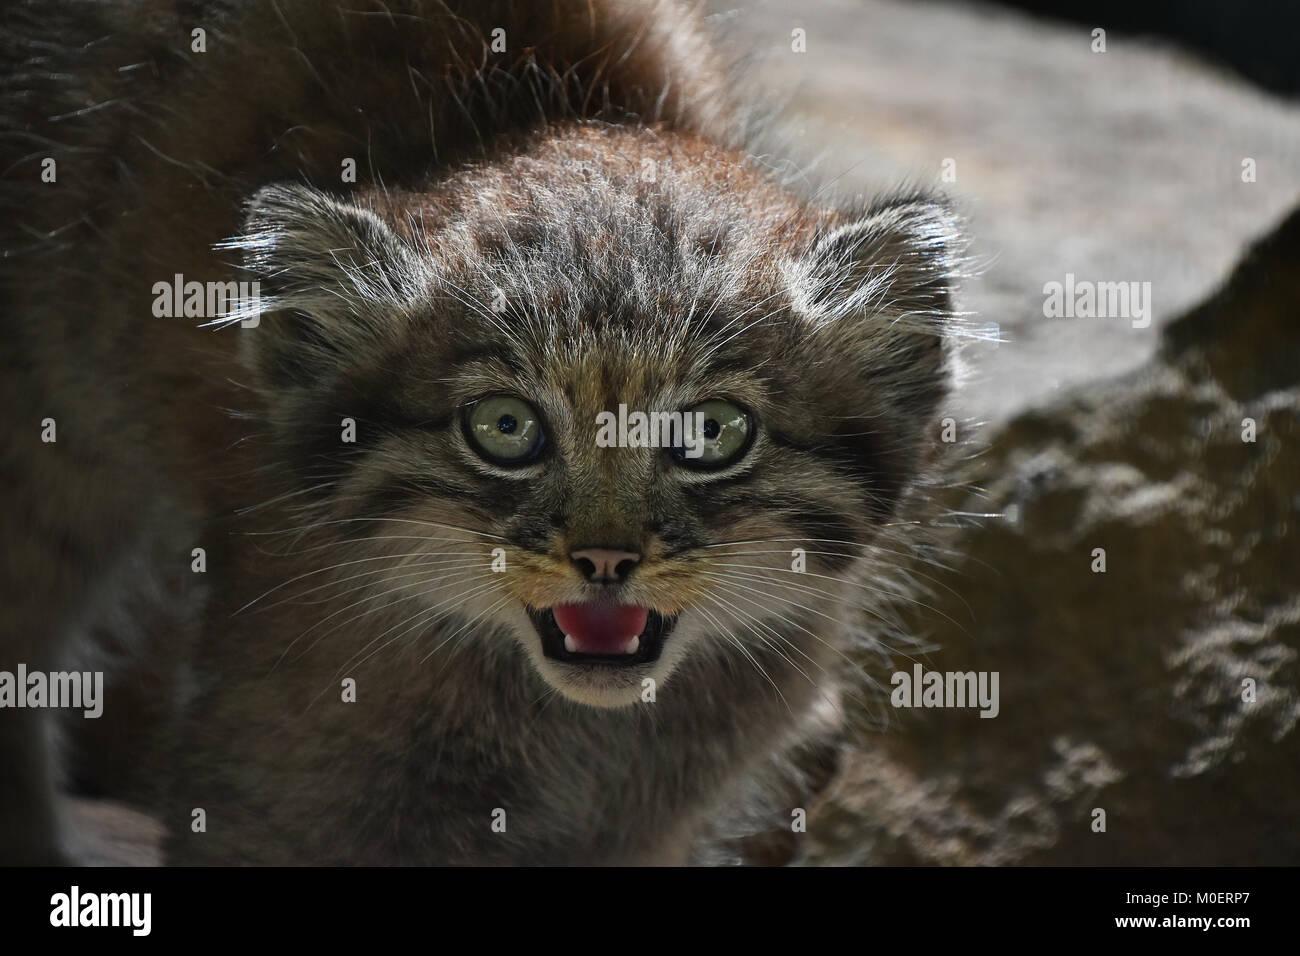 kittens week by week